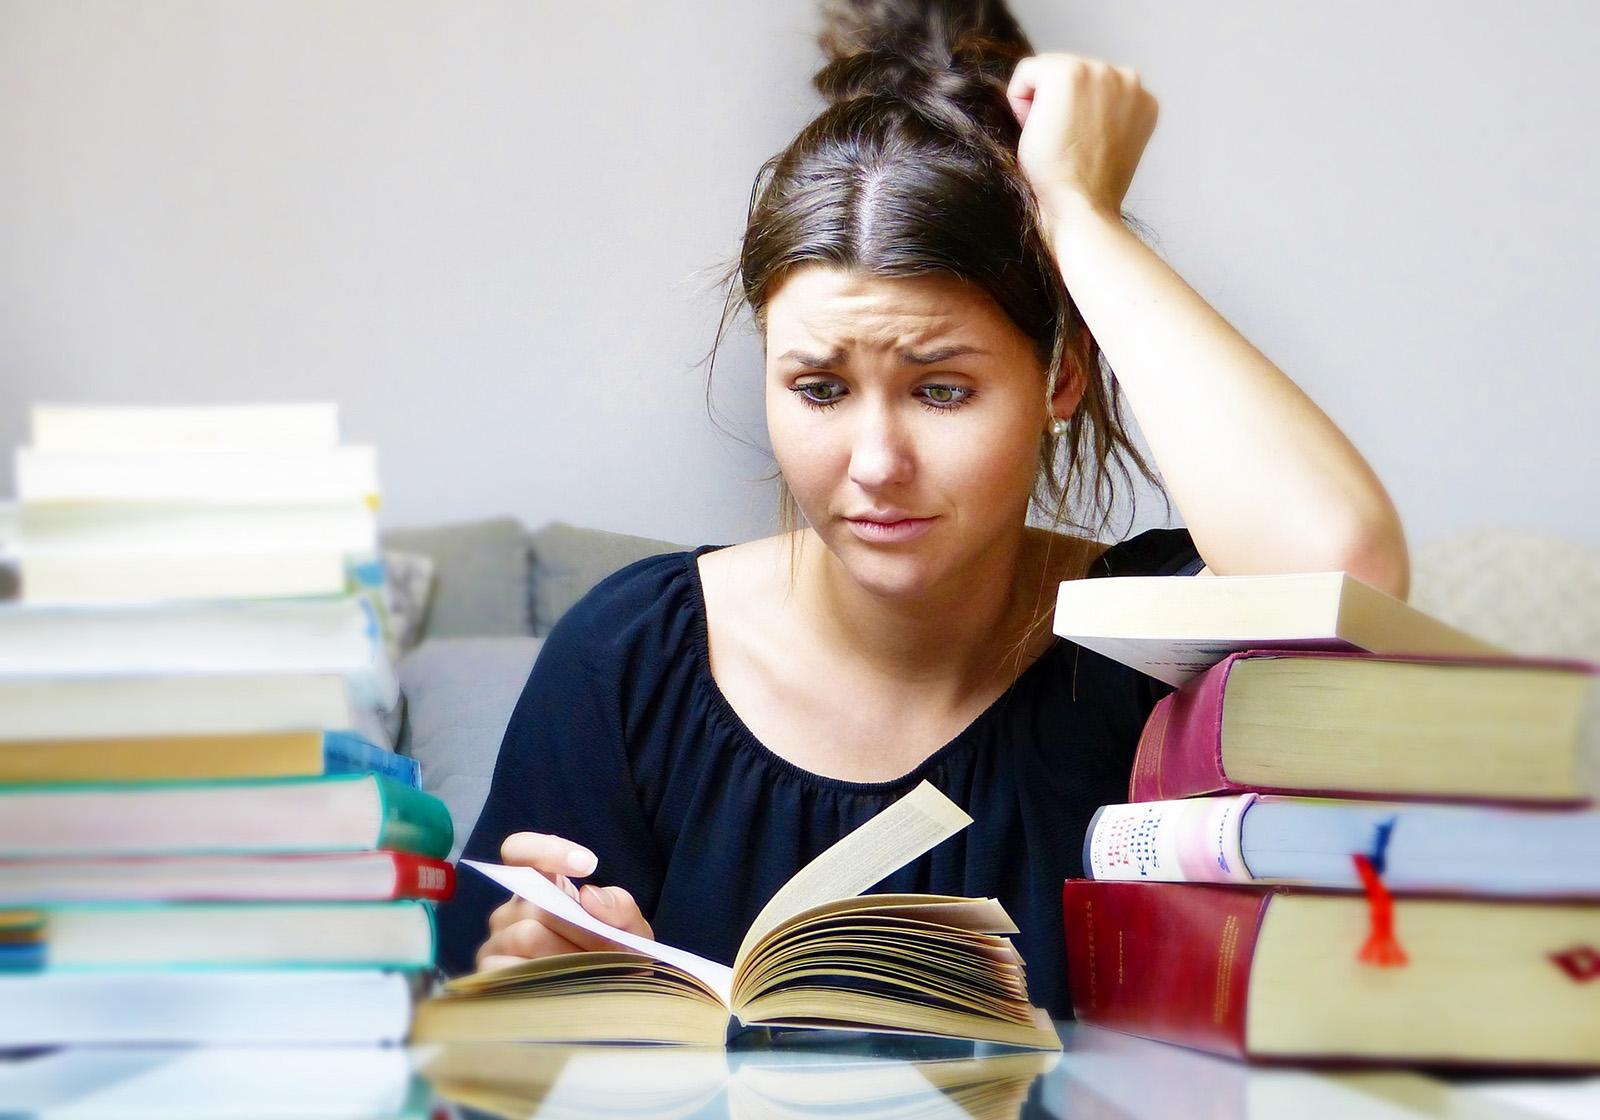 Как помочь школьнику справиться со стрессом во время подготовки к ЕГЭ?